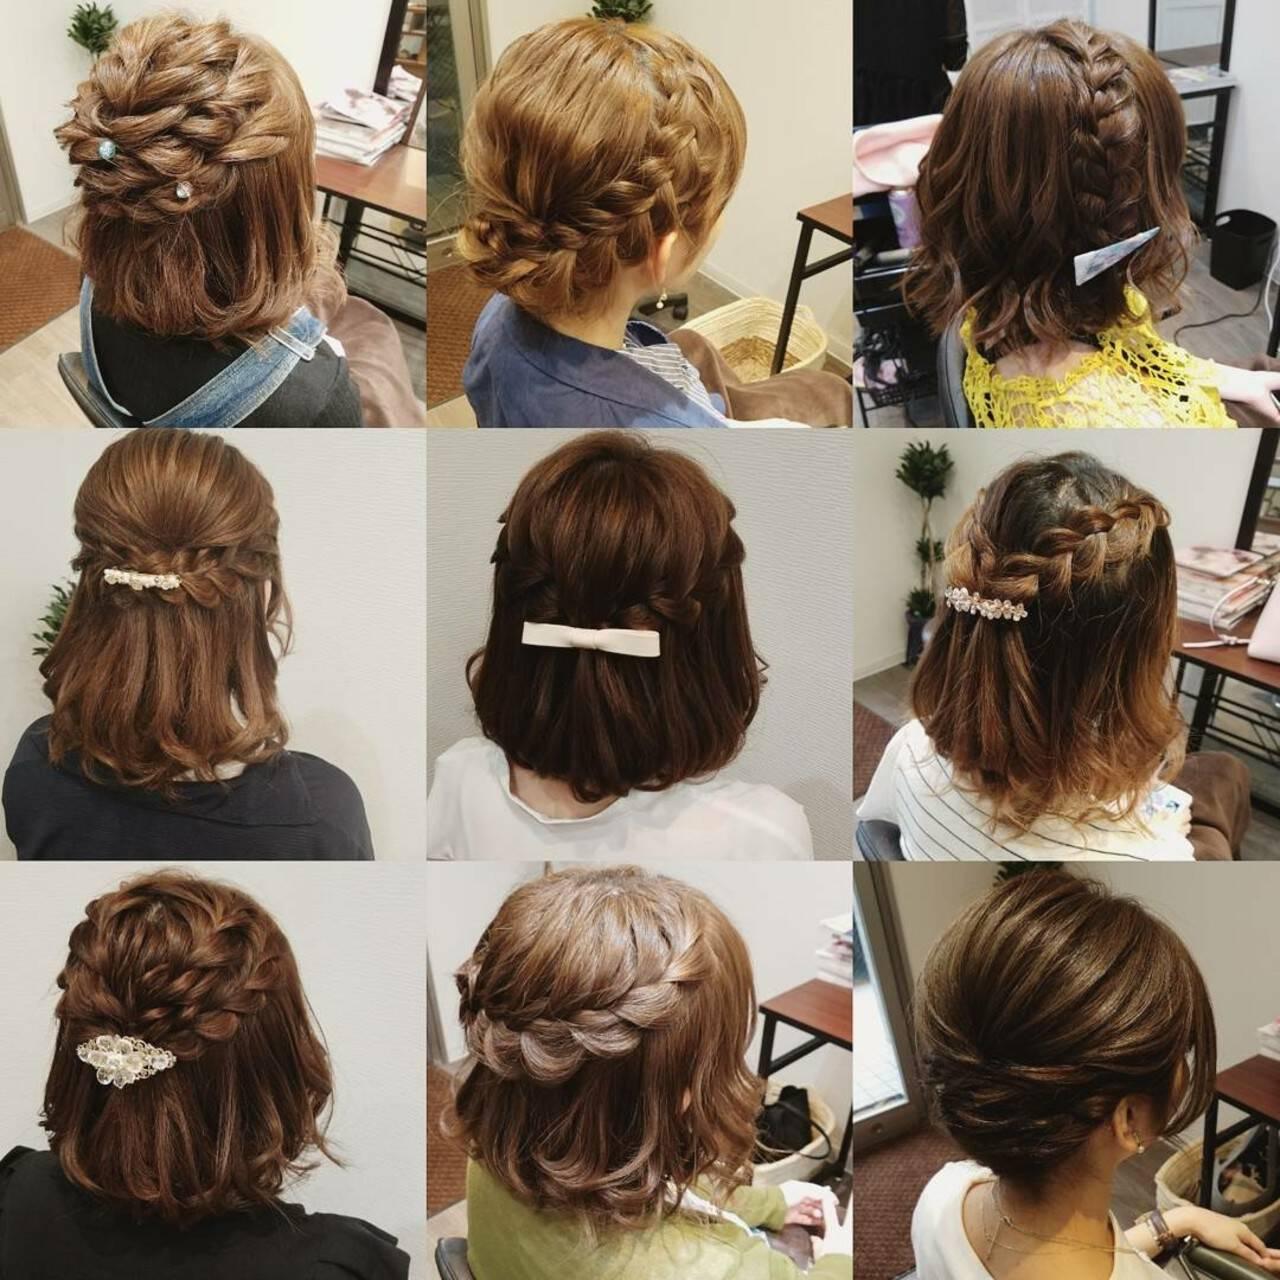 フェミニン 編み込み ボブ ヘアアレンジヘアスタイルや髪型の写真・画像